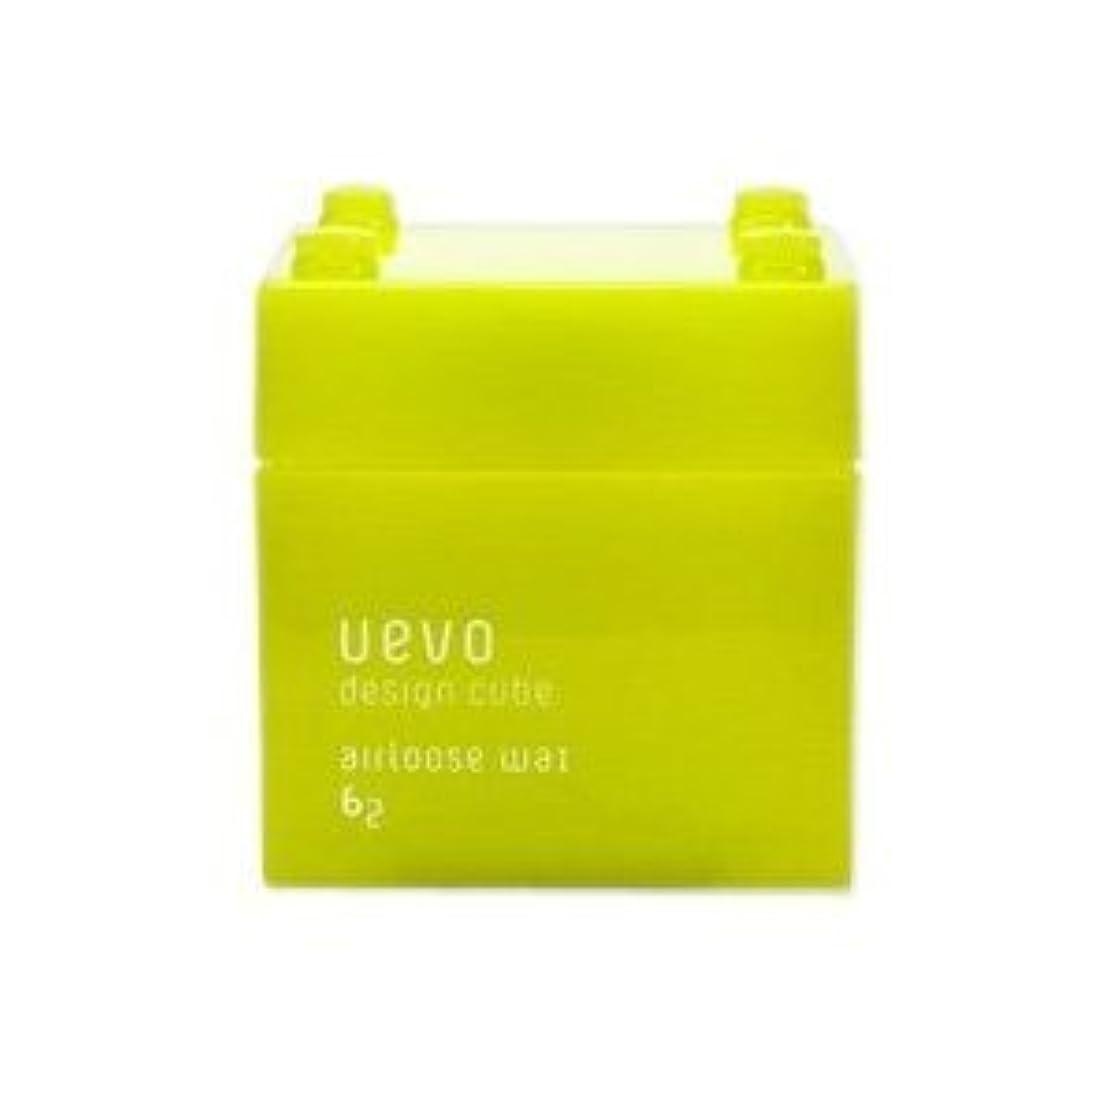 困難慣習悲しいことに【X3個セット】 デミ ウェーボ デザインキューブ エアルーズワックス 80g airloose wax DEMI uevo design cube